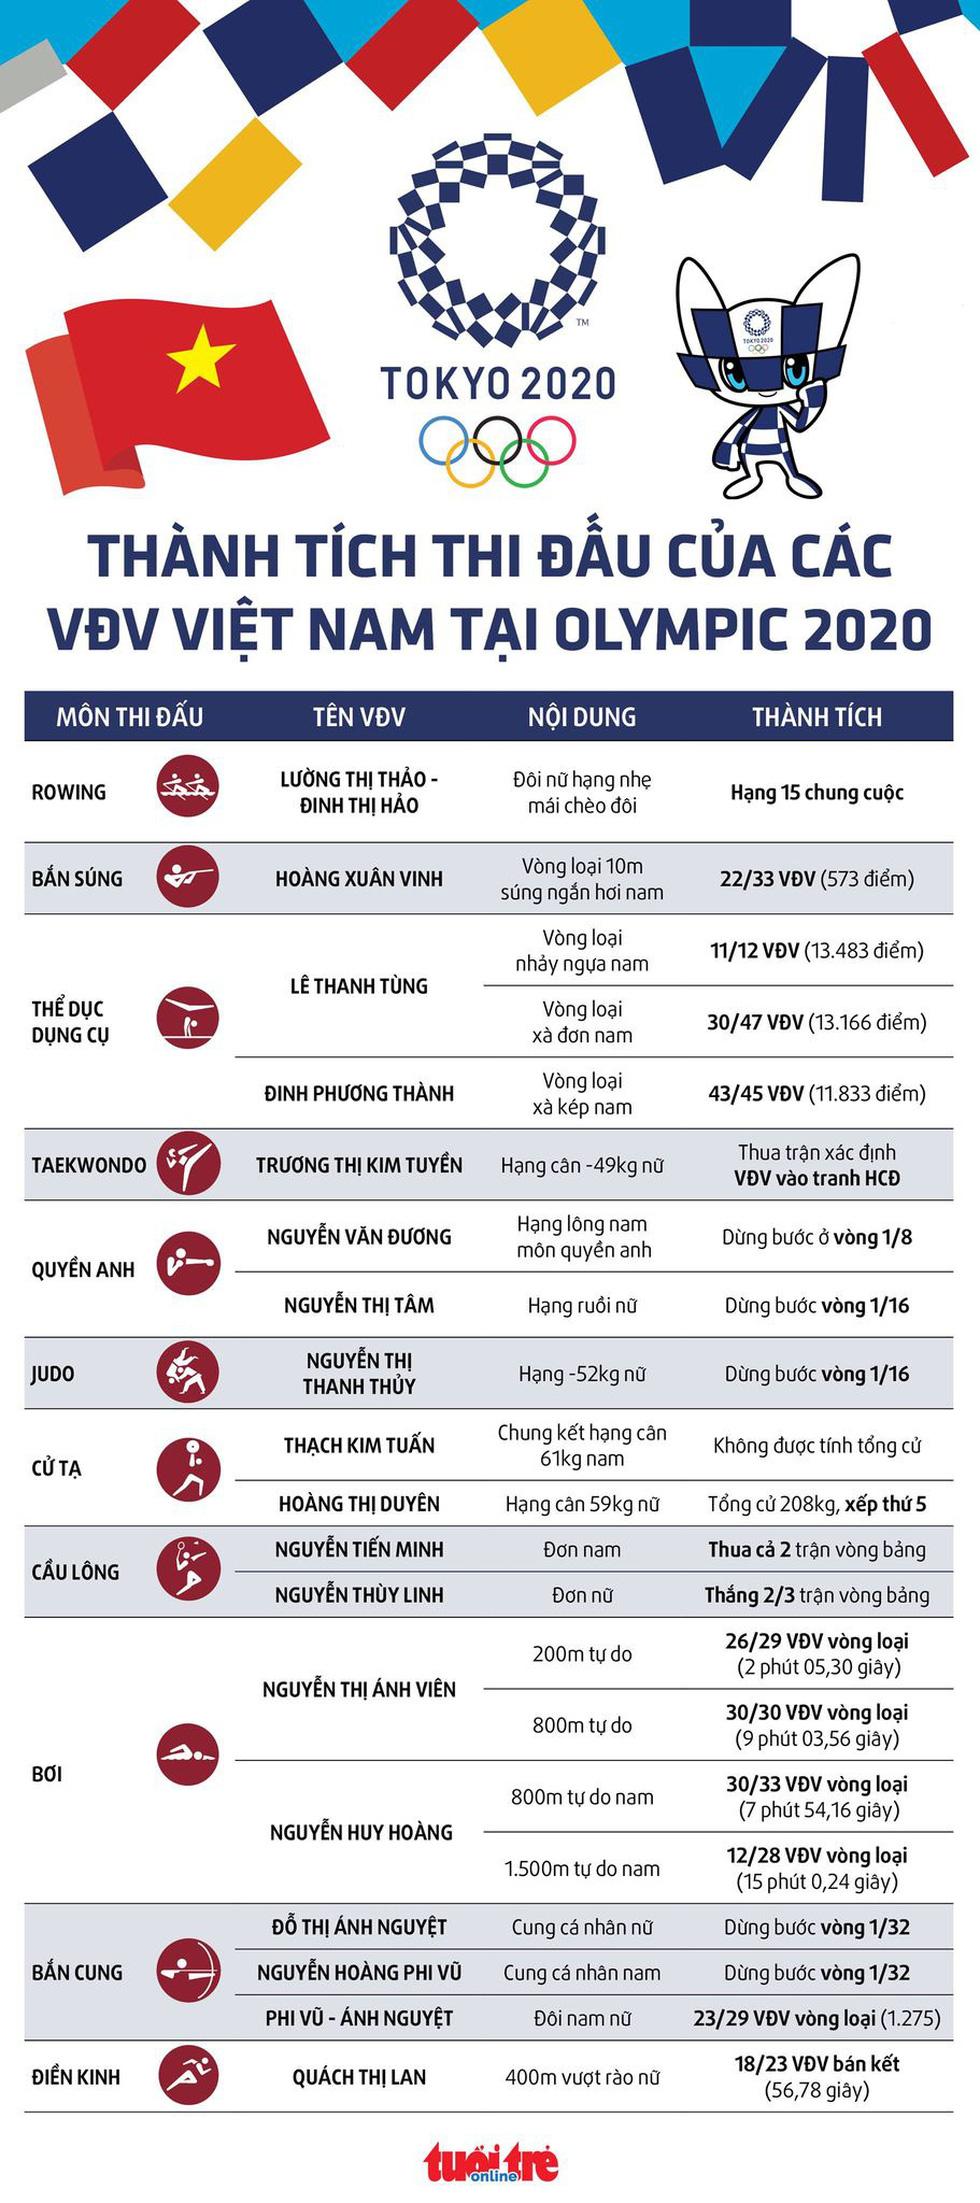 Dễ theo dõi: Kết quả thi đấu của 18 VĐV Việt Nam tại Olympic 2020 - Ảnh 1.